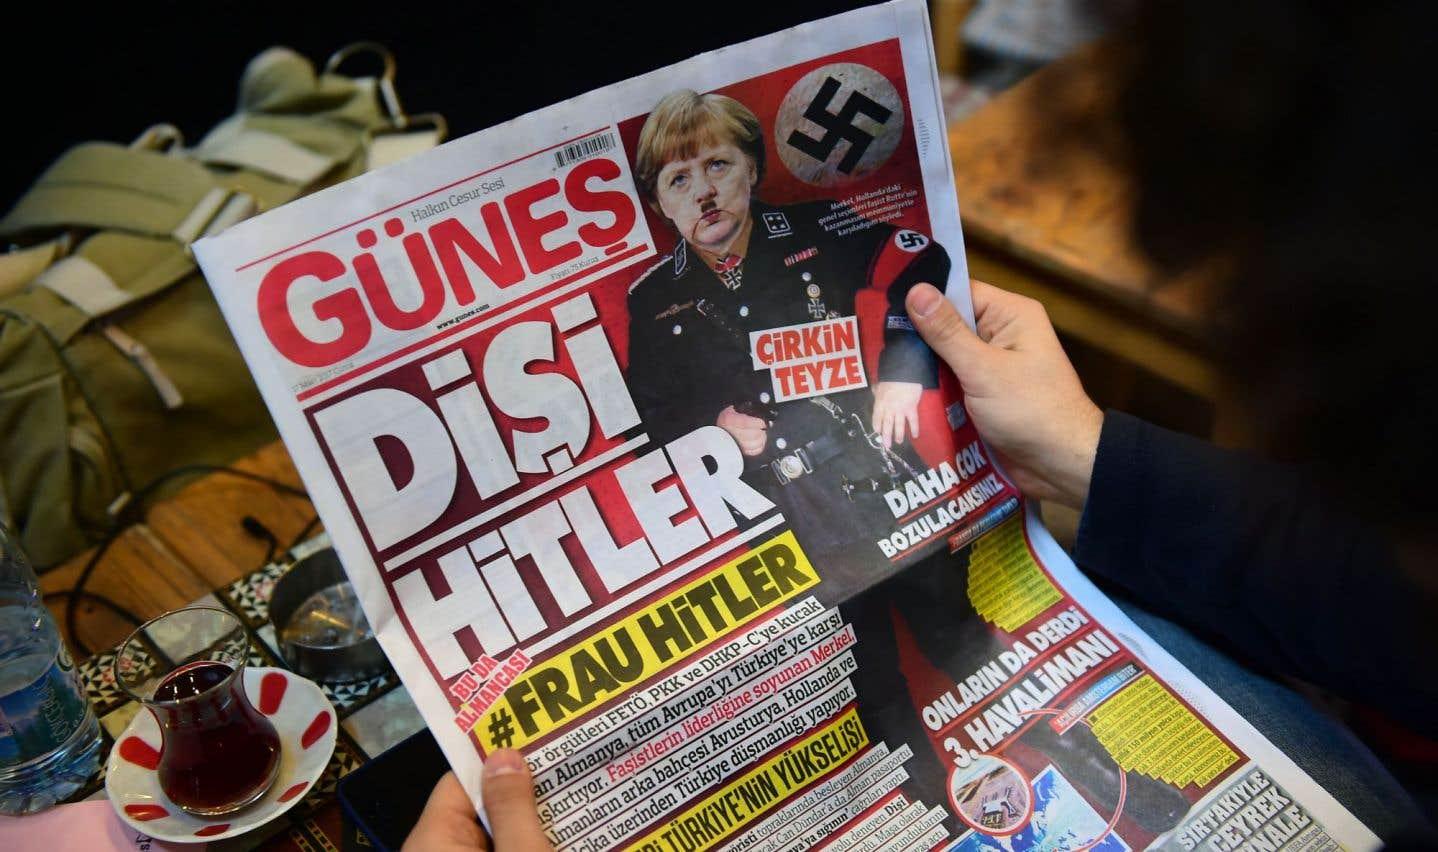 Un photomontage de Merkel en Hitler en Une d'un quotidien turc